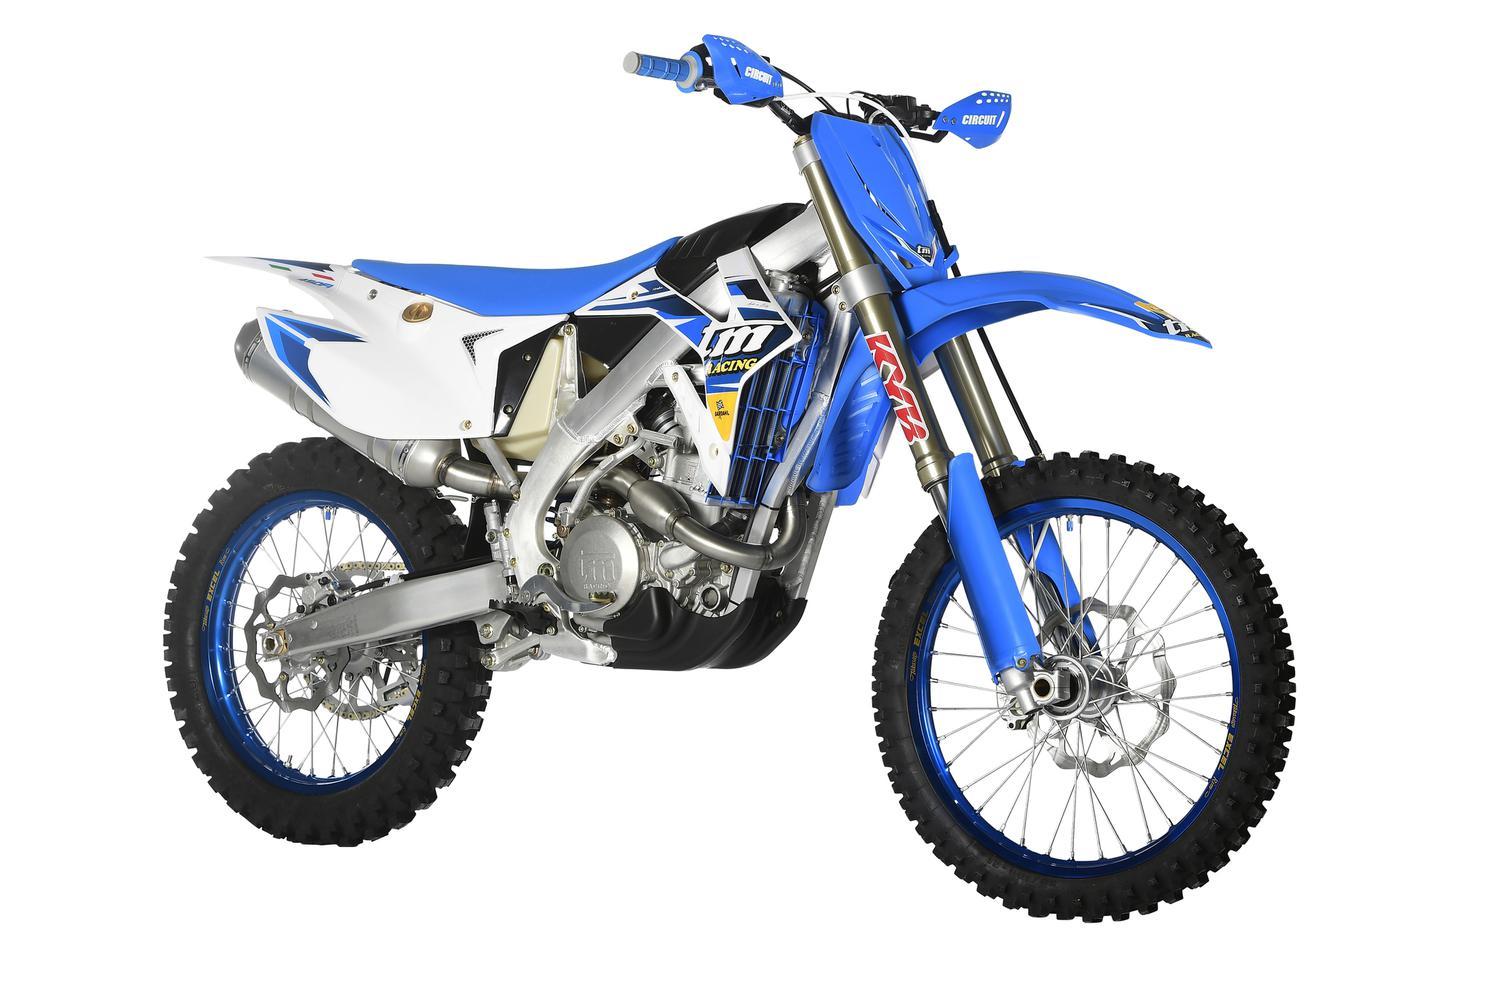 TM TM Racing 450Fi MX